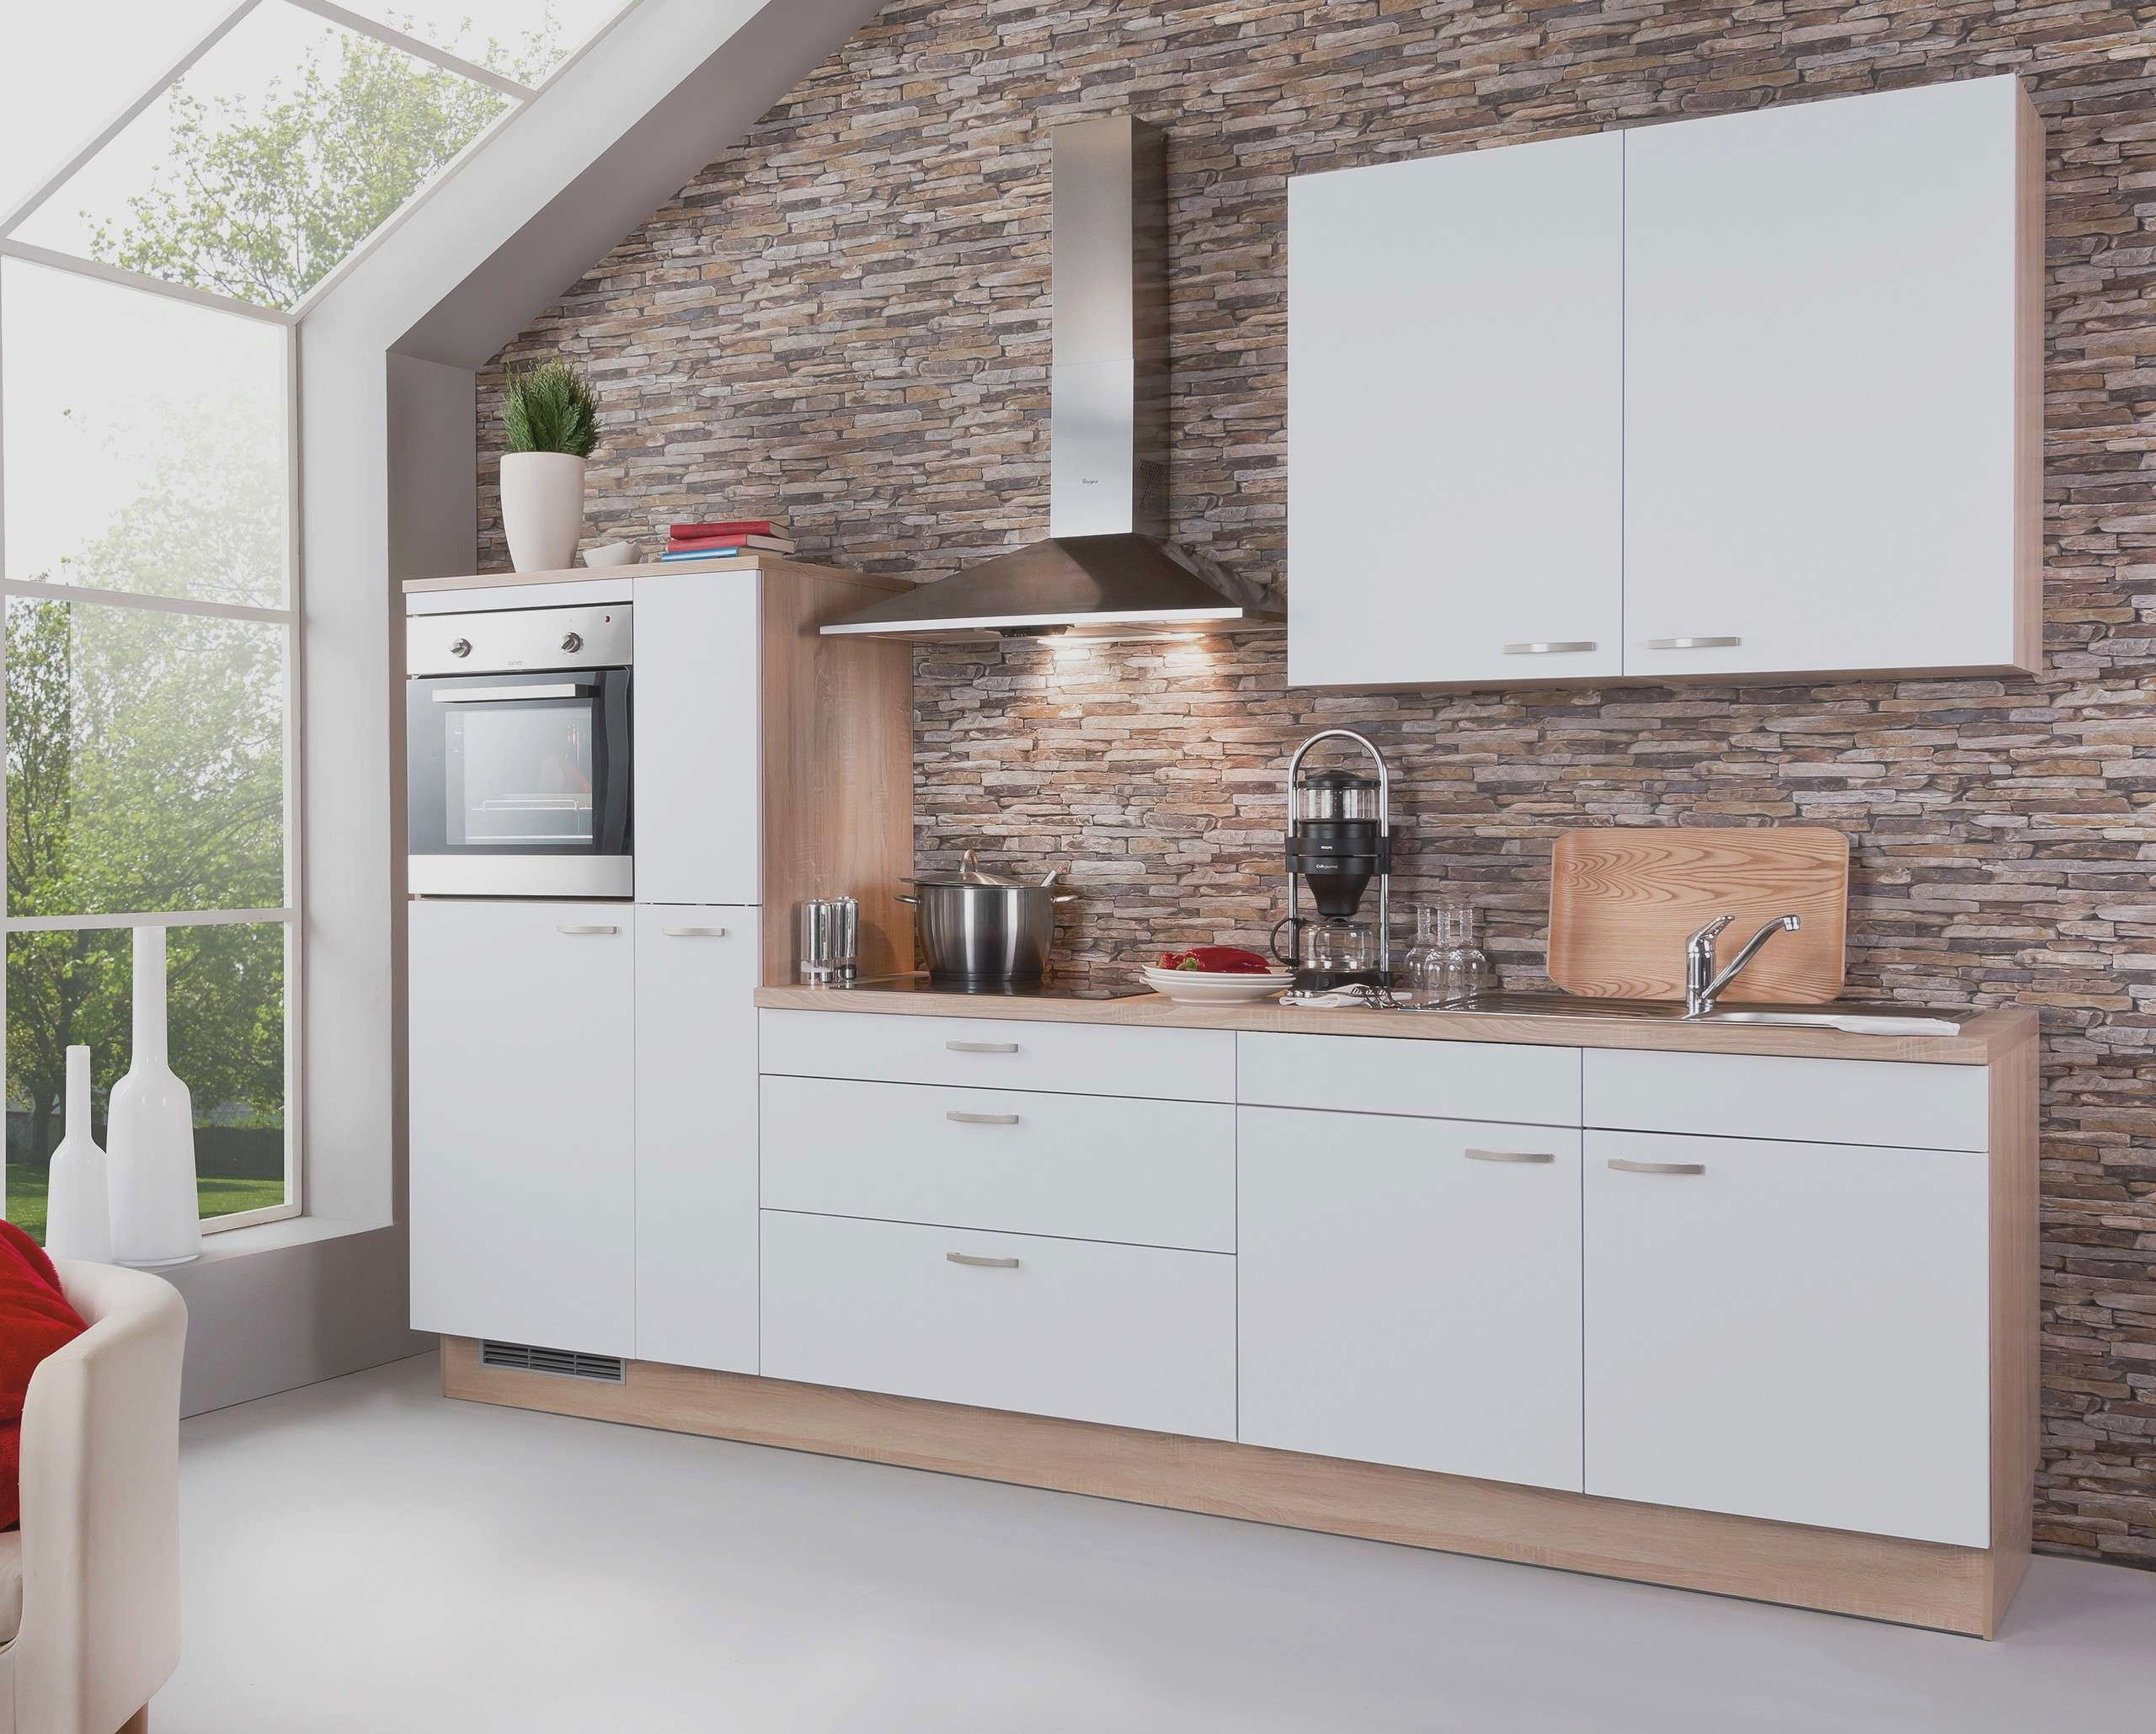 Full Size of Einbauküche Günstig Kaufen Einbauküche Günstig Abzugeben Einbauküche Günstig Roller Gebrauchte Einbauküche Günstig Kaufen Küche Einbauküche Günstig